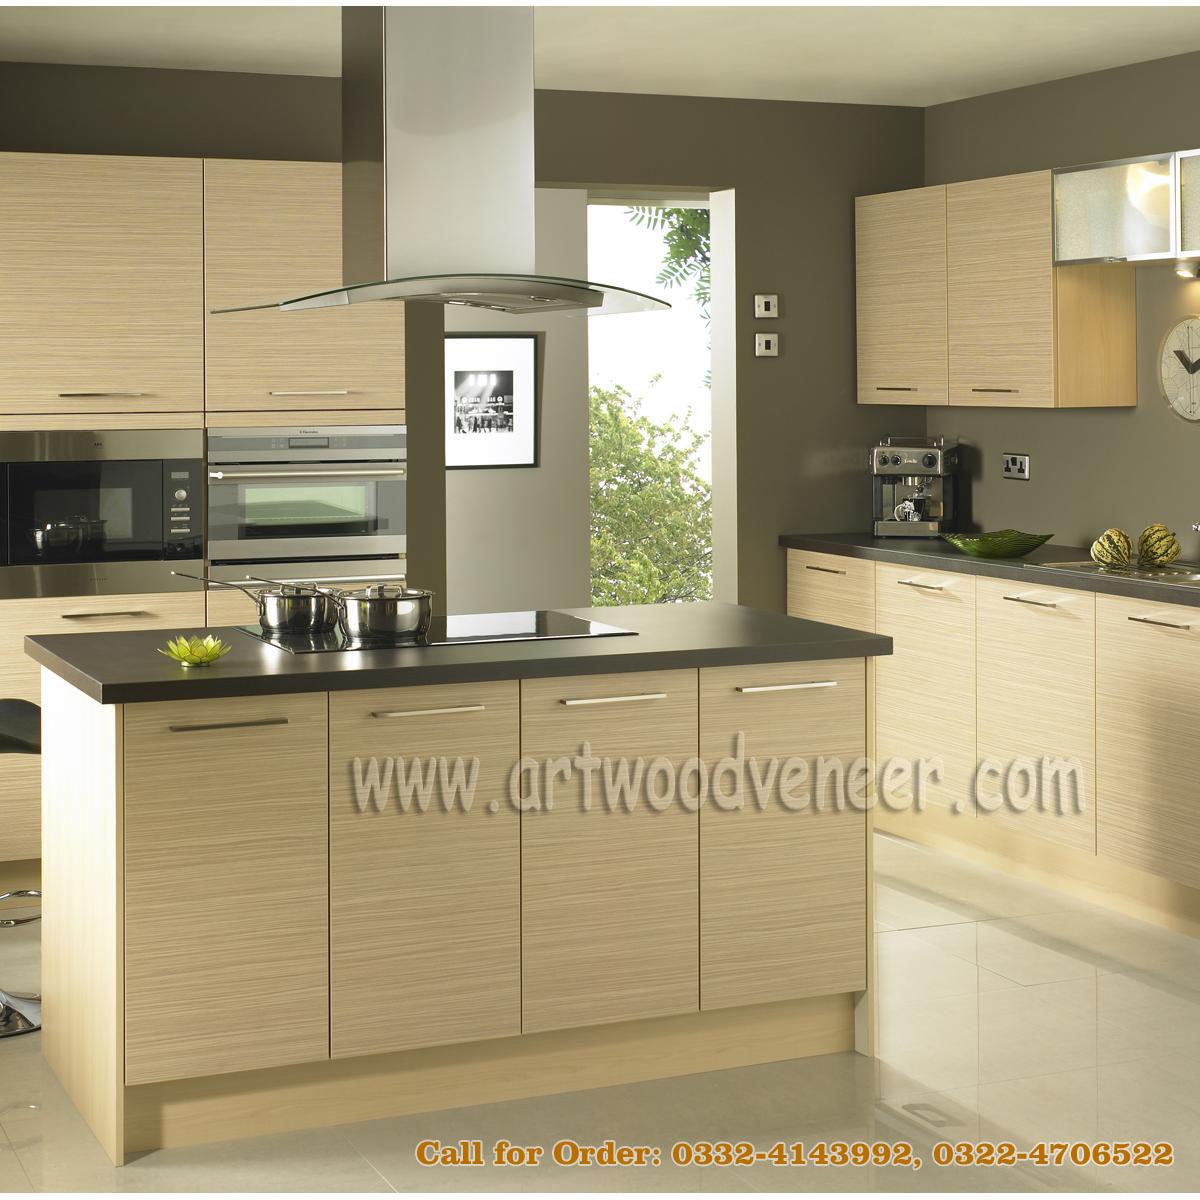 modern kitchen cabinets for sale in lahore kitchen manufacturer. Black Bedroom Furniture Sets. Home Design Ideas